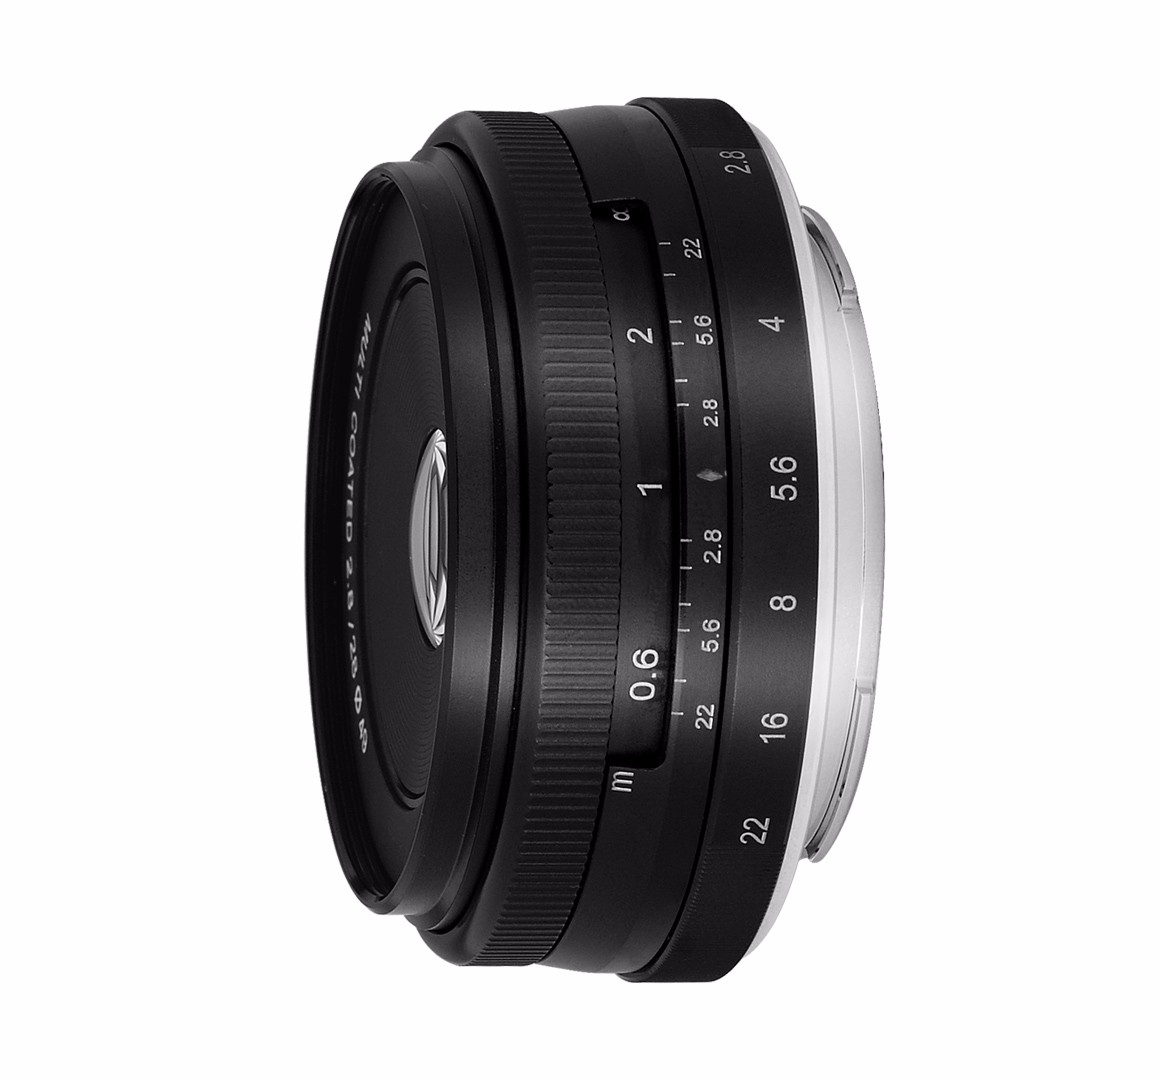 Meike MK-FX-28-f/2.8 28mm f2.8 fixe manuel focus lens pour Fujifilm X Caméra X-T1 X-Pro1 etc